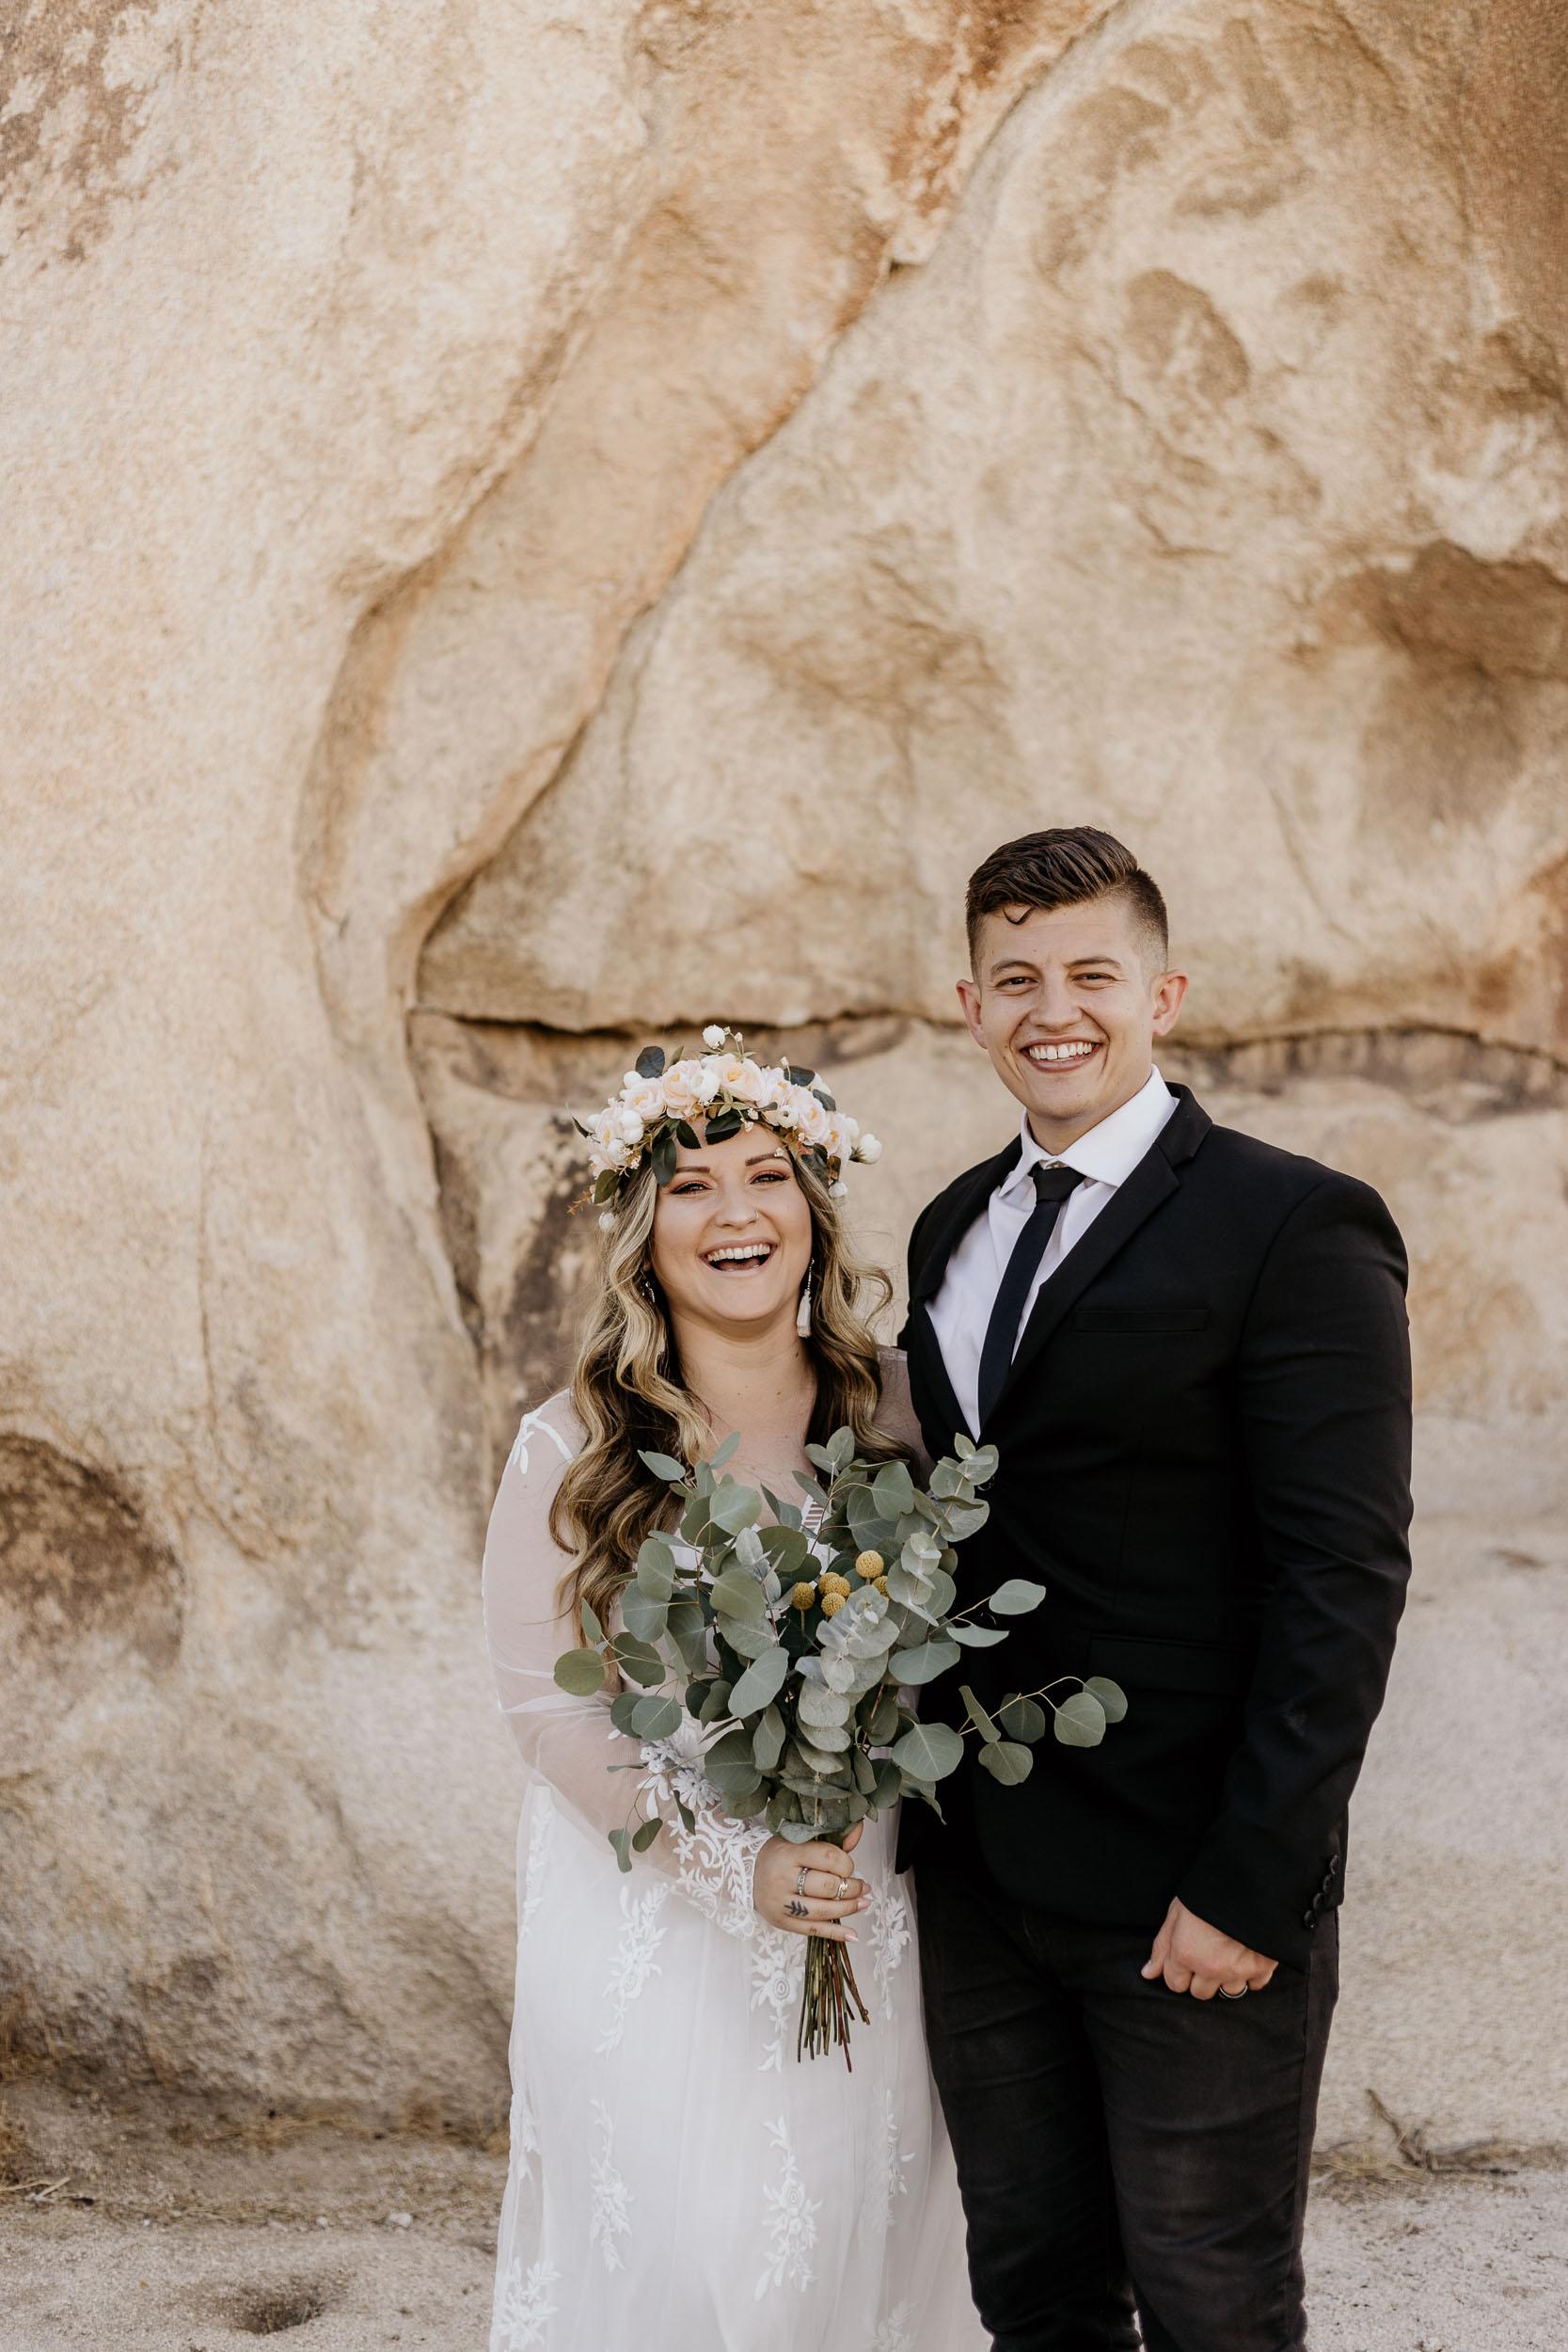 intimate-wedding-elopement-photographer-ottawa-joshua-tree-0022.jpg